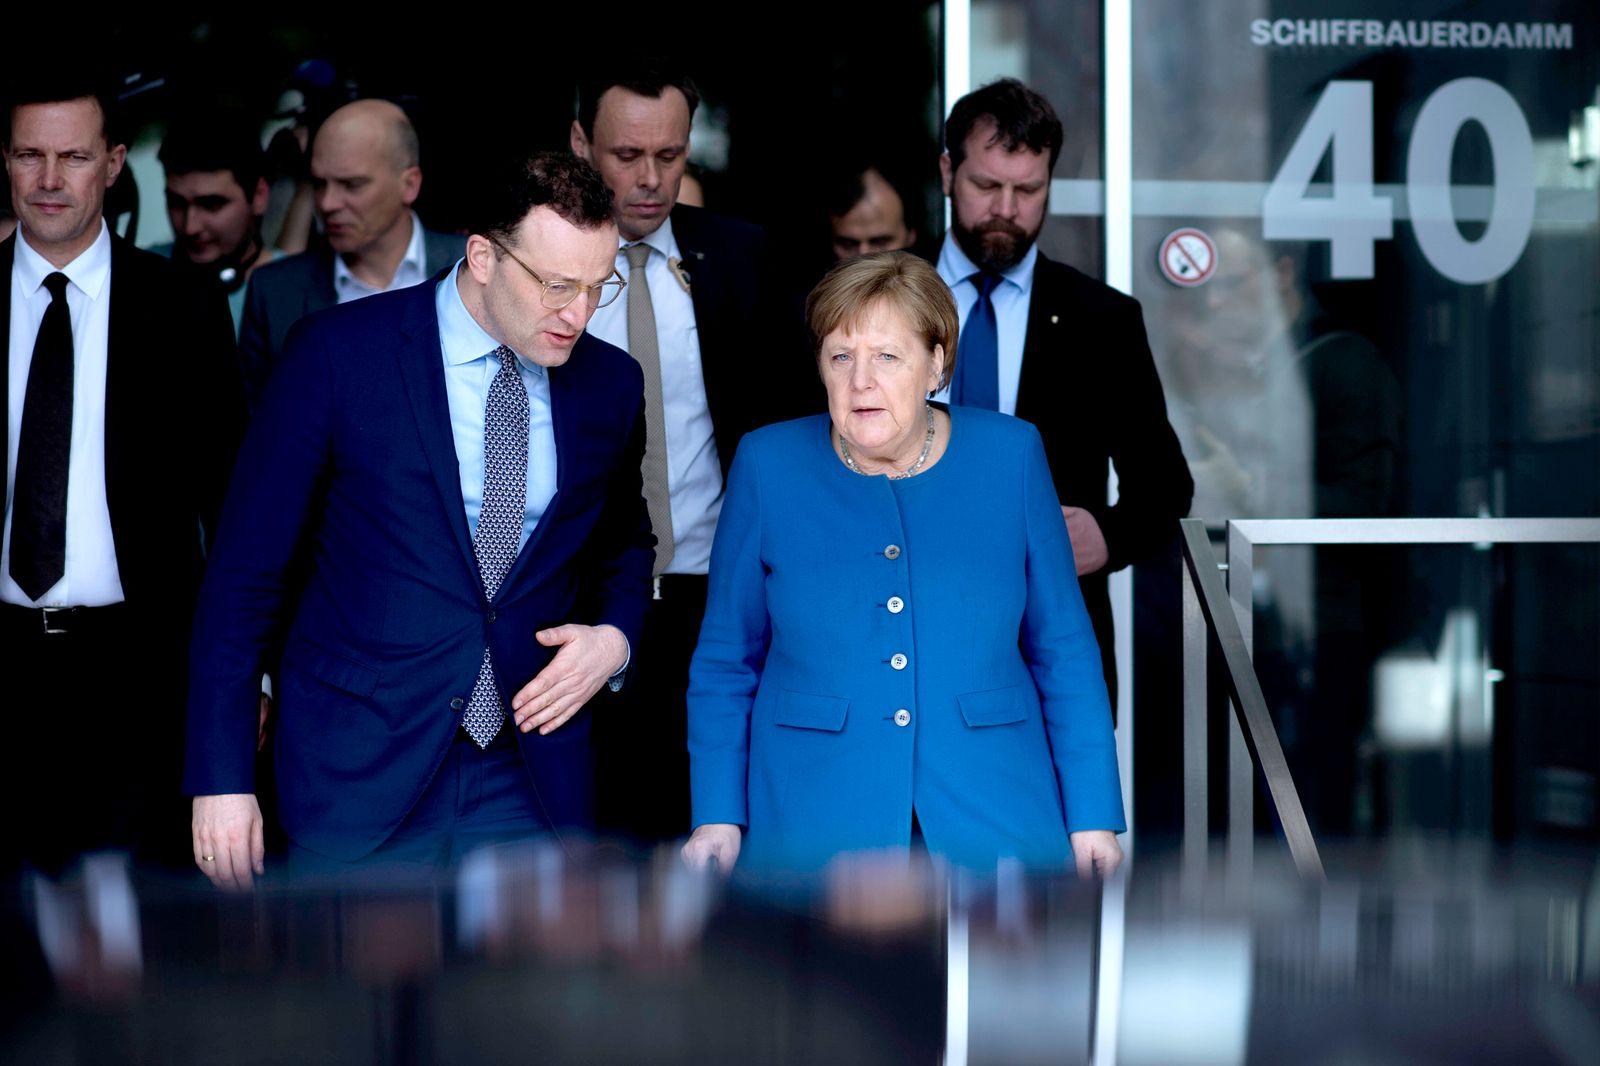 Jens Spahn, Angela Merkel - Coronavirus DEU, Deutschland, Germany, Berlin, 11.03.2020 Jens Spahn, Bundesgesundheitsminis